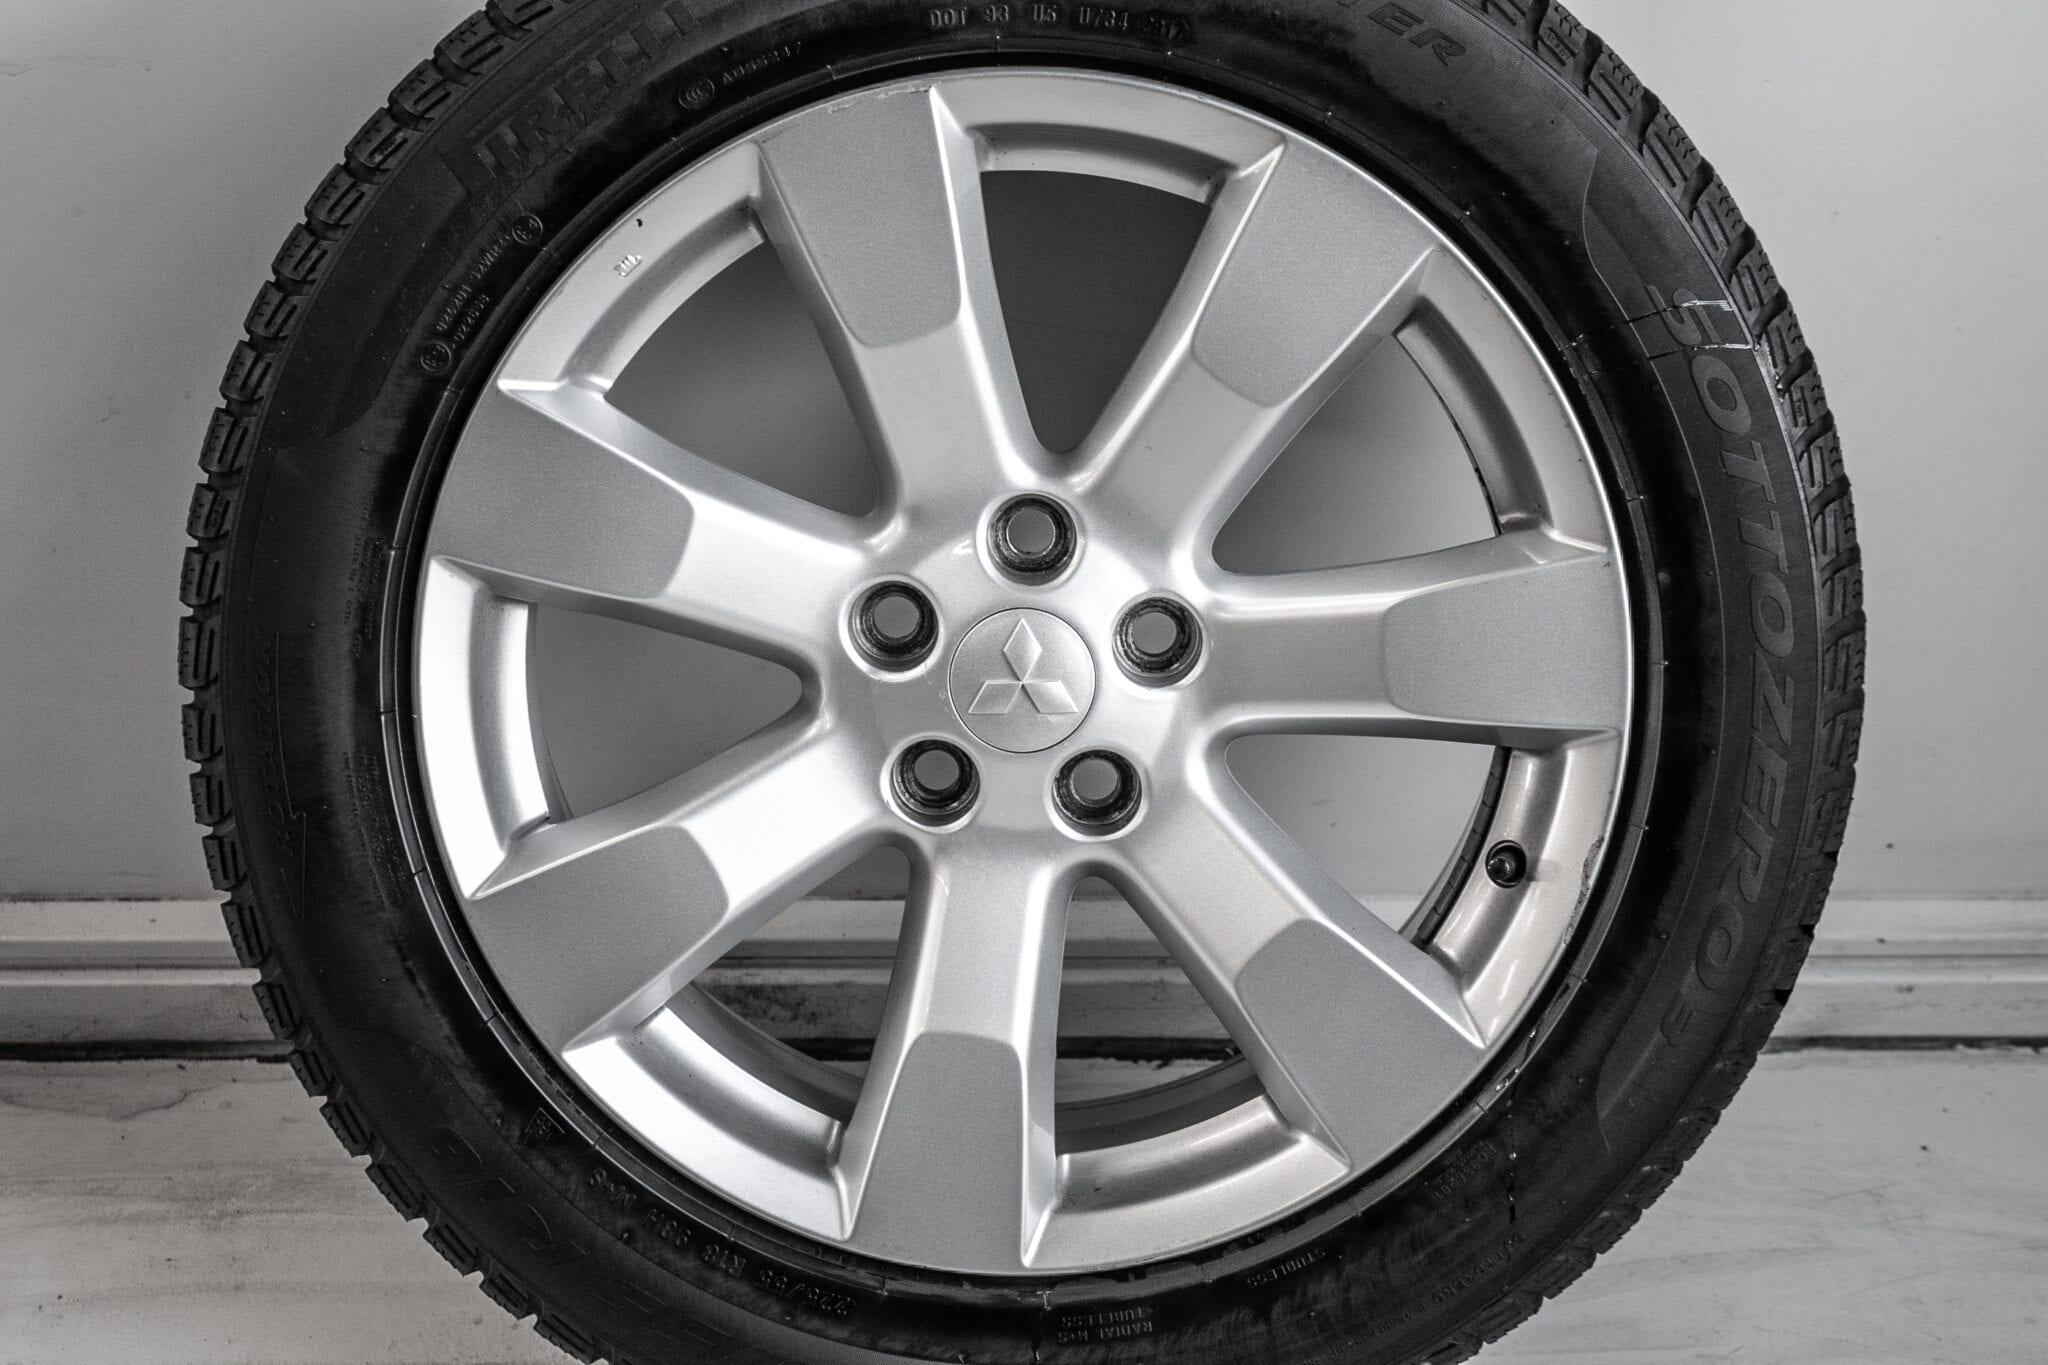 """18"""" Winterwielen voor een Mitsubishi Outlander (PHEV)  €349,- Gebruikt. Profieldiepte: 4.4mm - 5.5mm"""